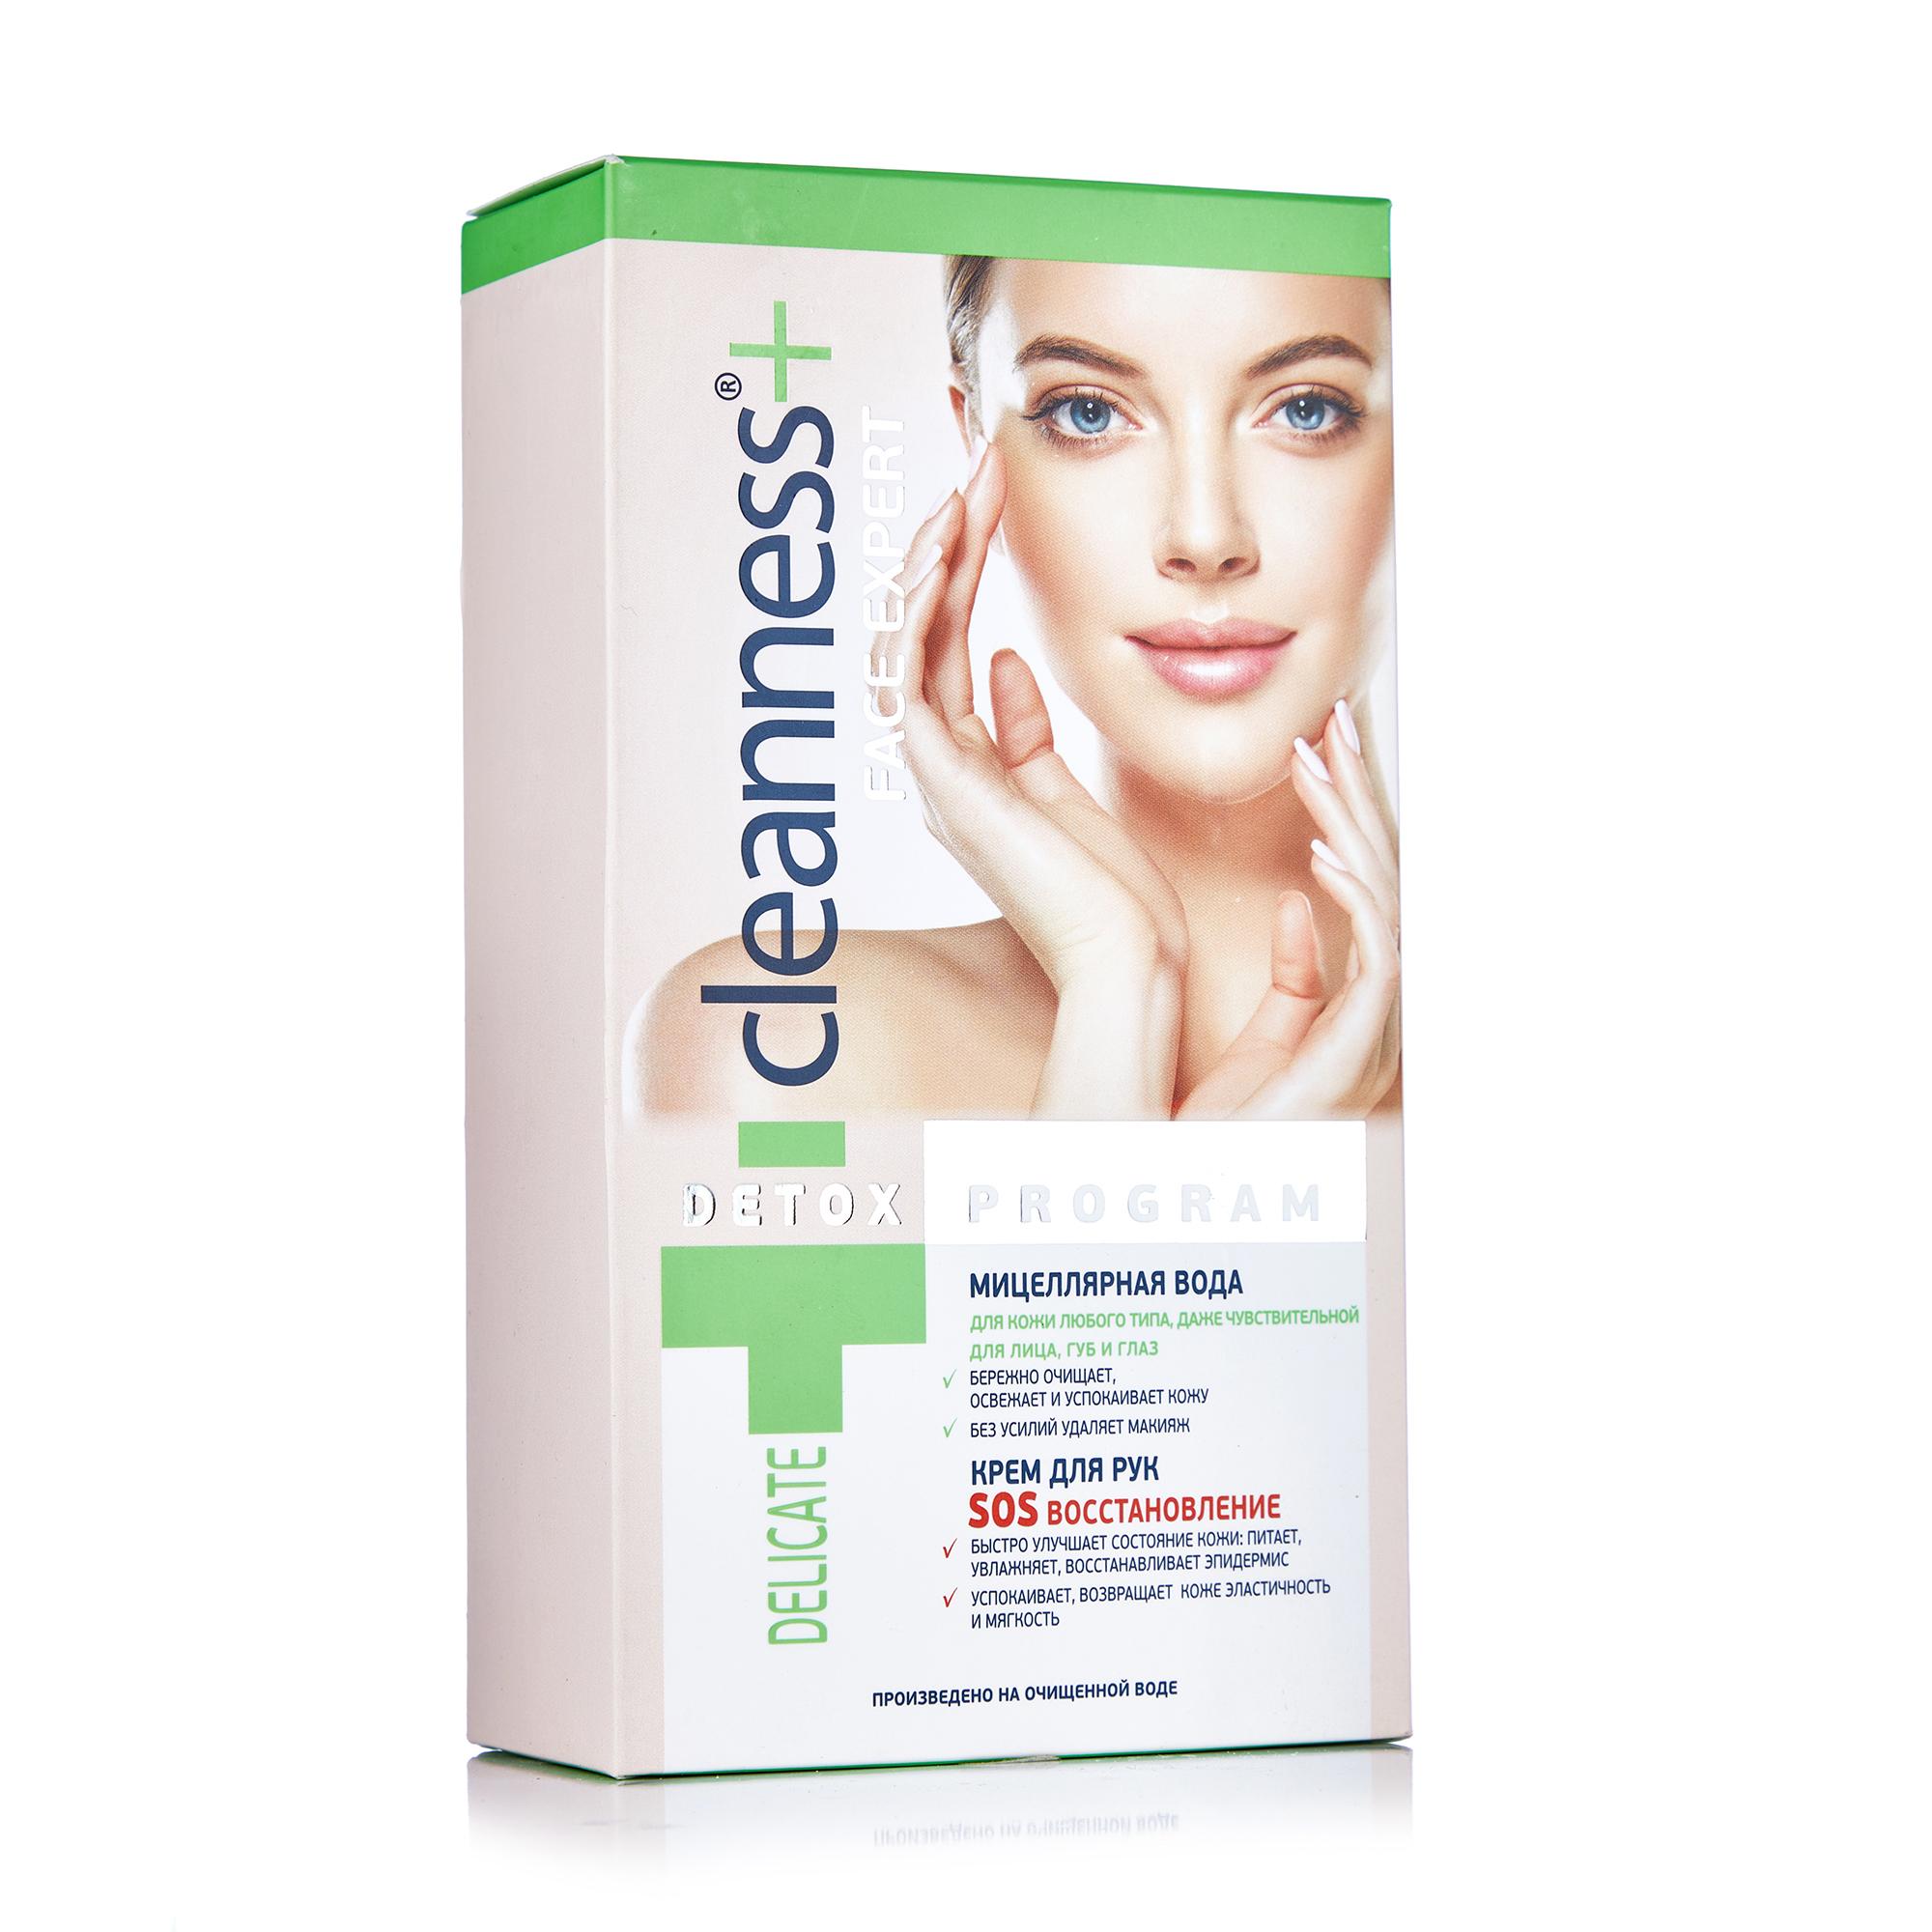 Косметичний набір Cleanness+ Velta Cosmetic Delicate (міцелярна вода, 240 мл + крем для рук, 100 мл)